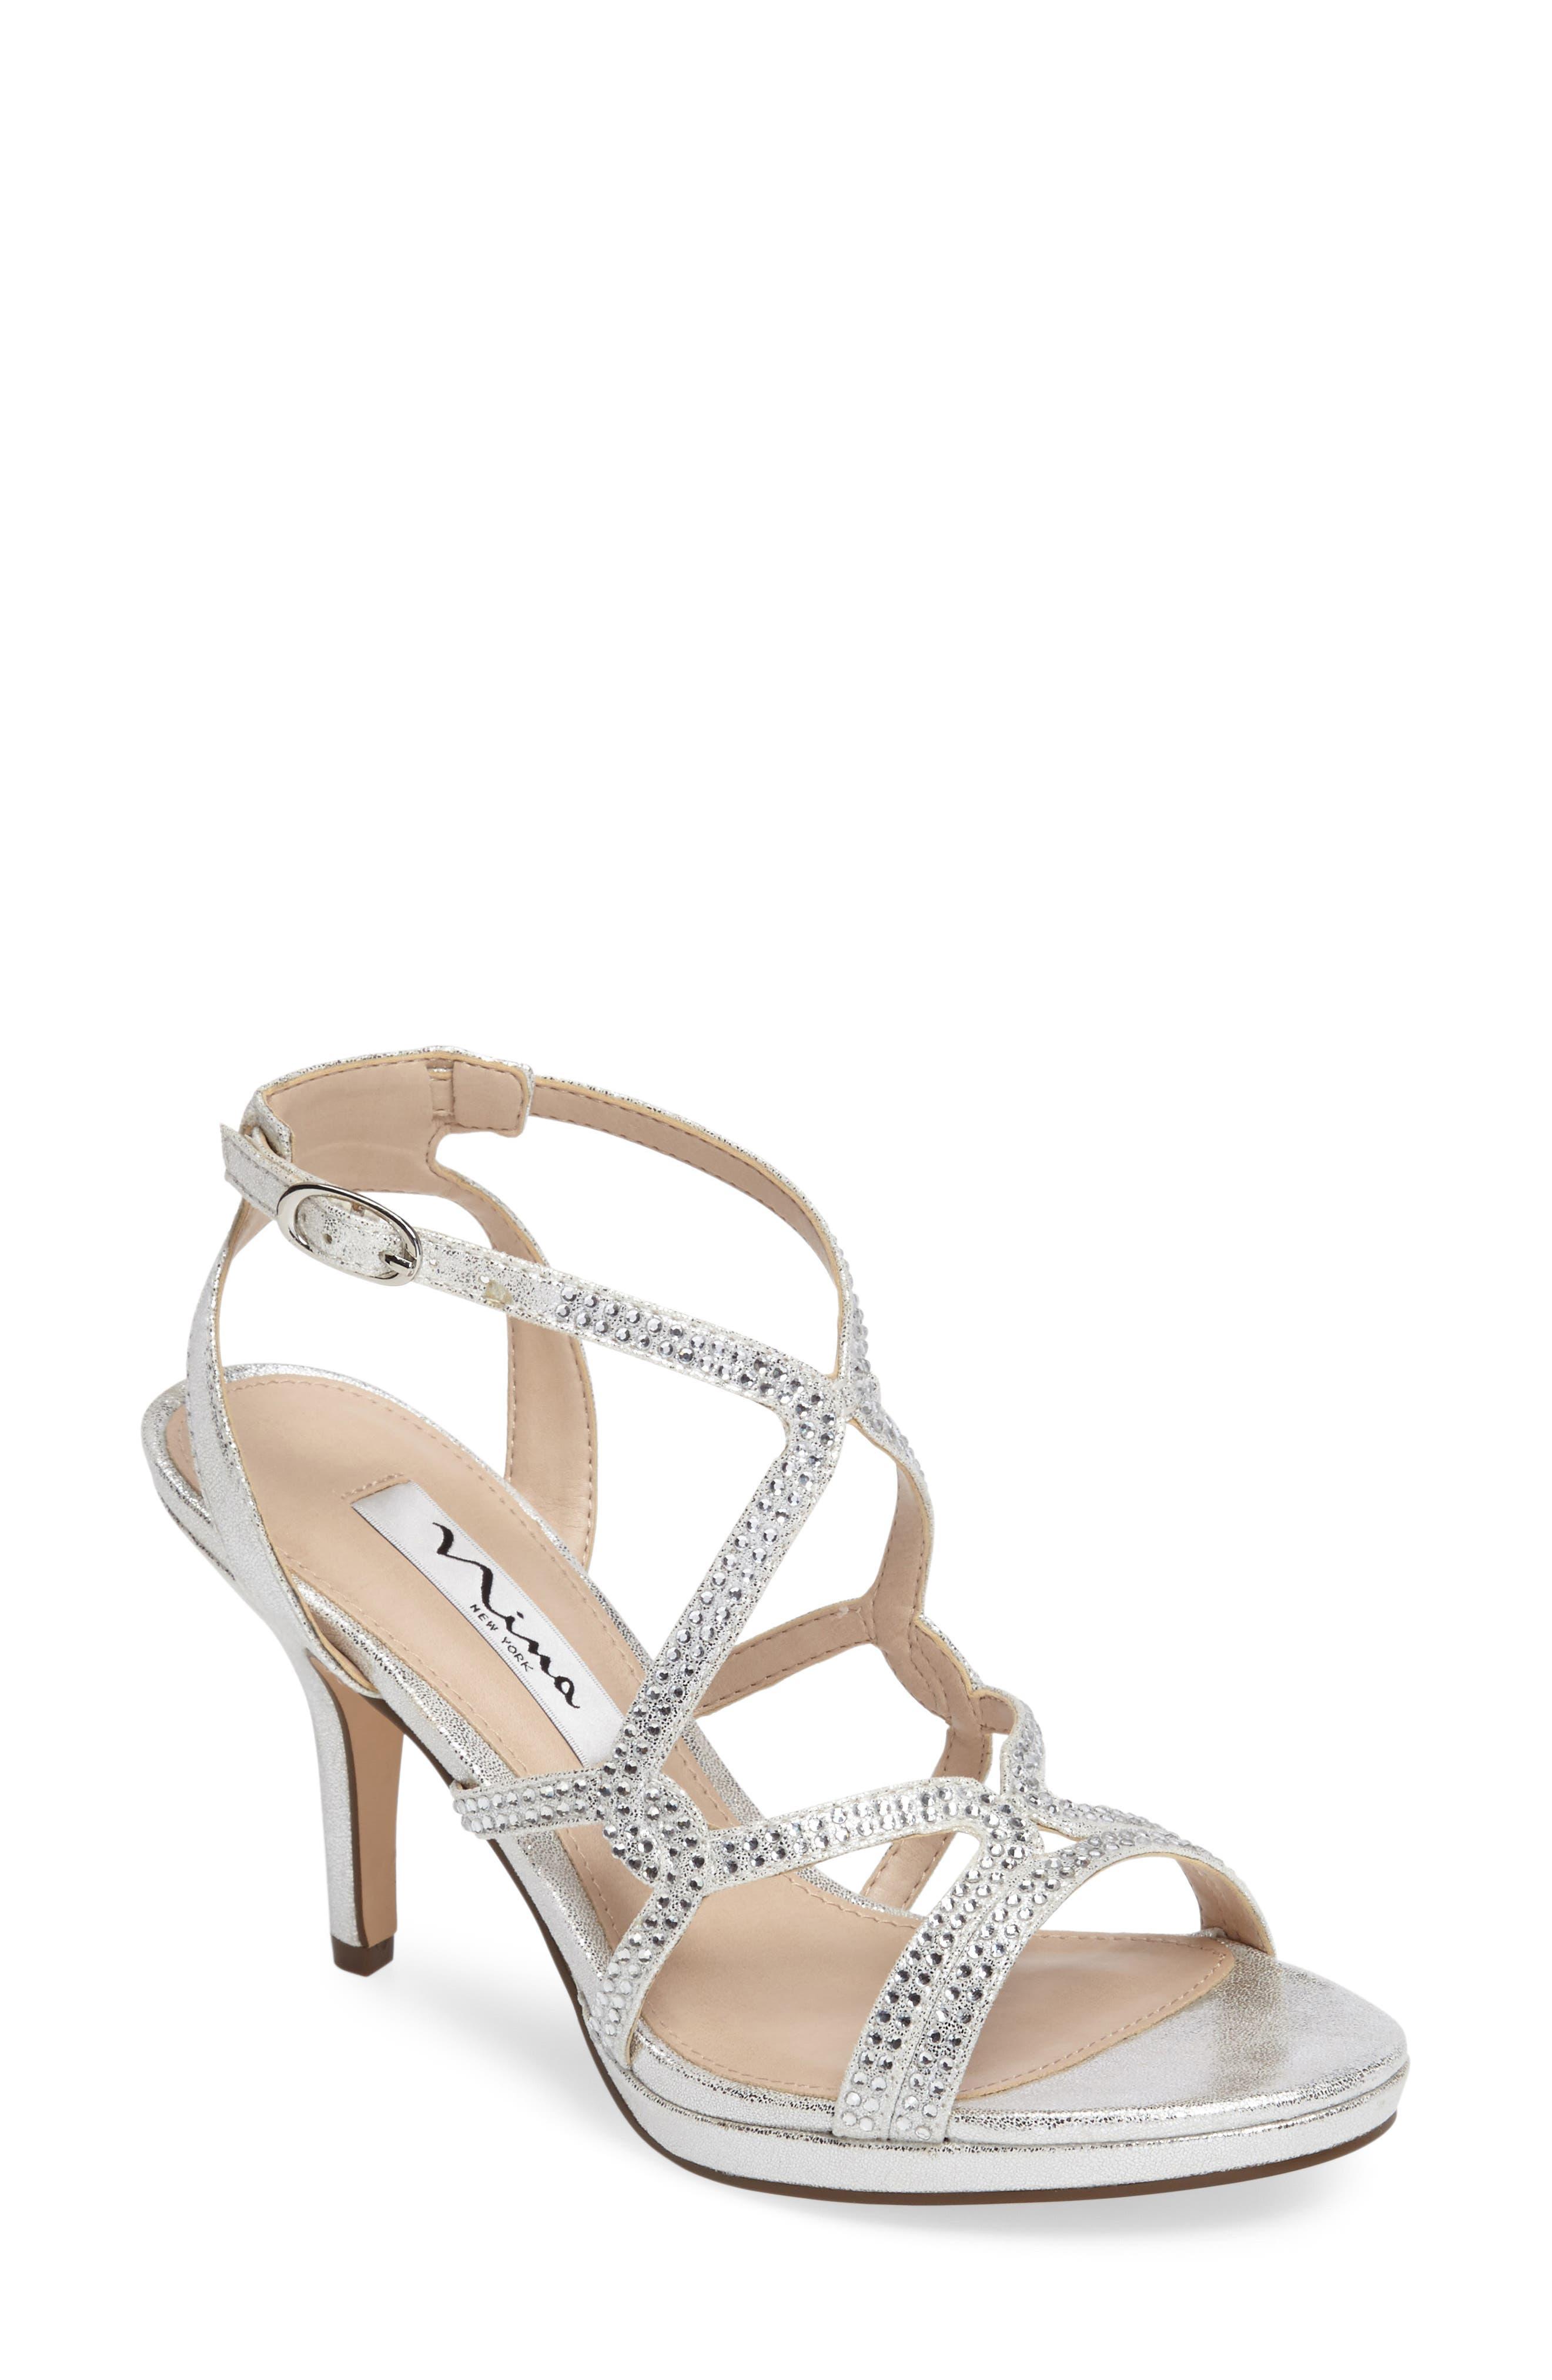 Varsha Crystal Embellished Evening Sandal,                             Alternate thumbnail 2, color,                             SILVER FAUX SUEDE